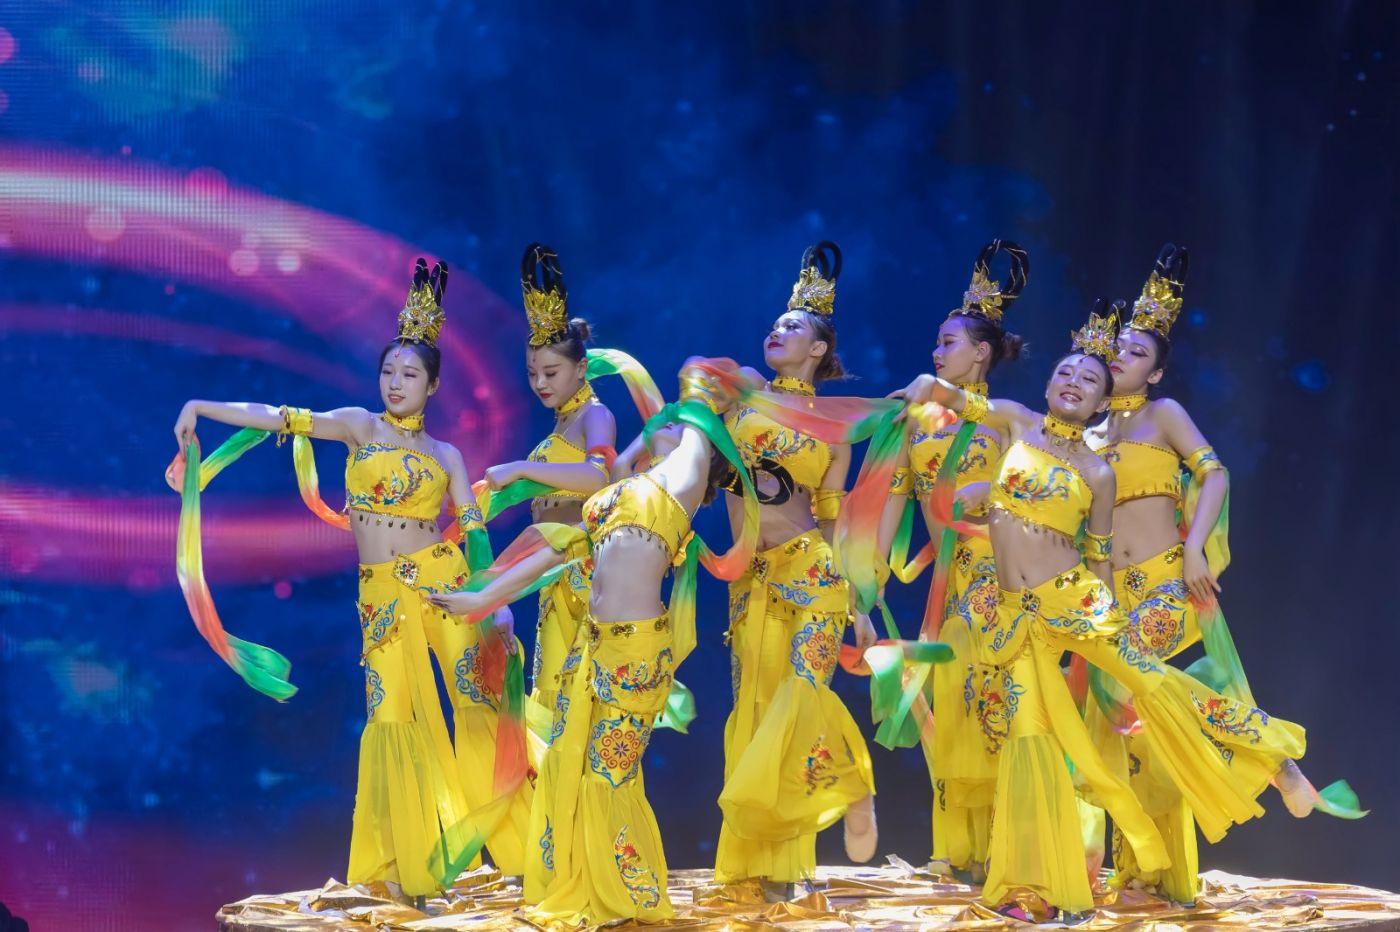 沂蒙大地上 有一种舞蹈叫飞天 这是几位临沂女孩的杰作 美轮美奂 ..._图1-24